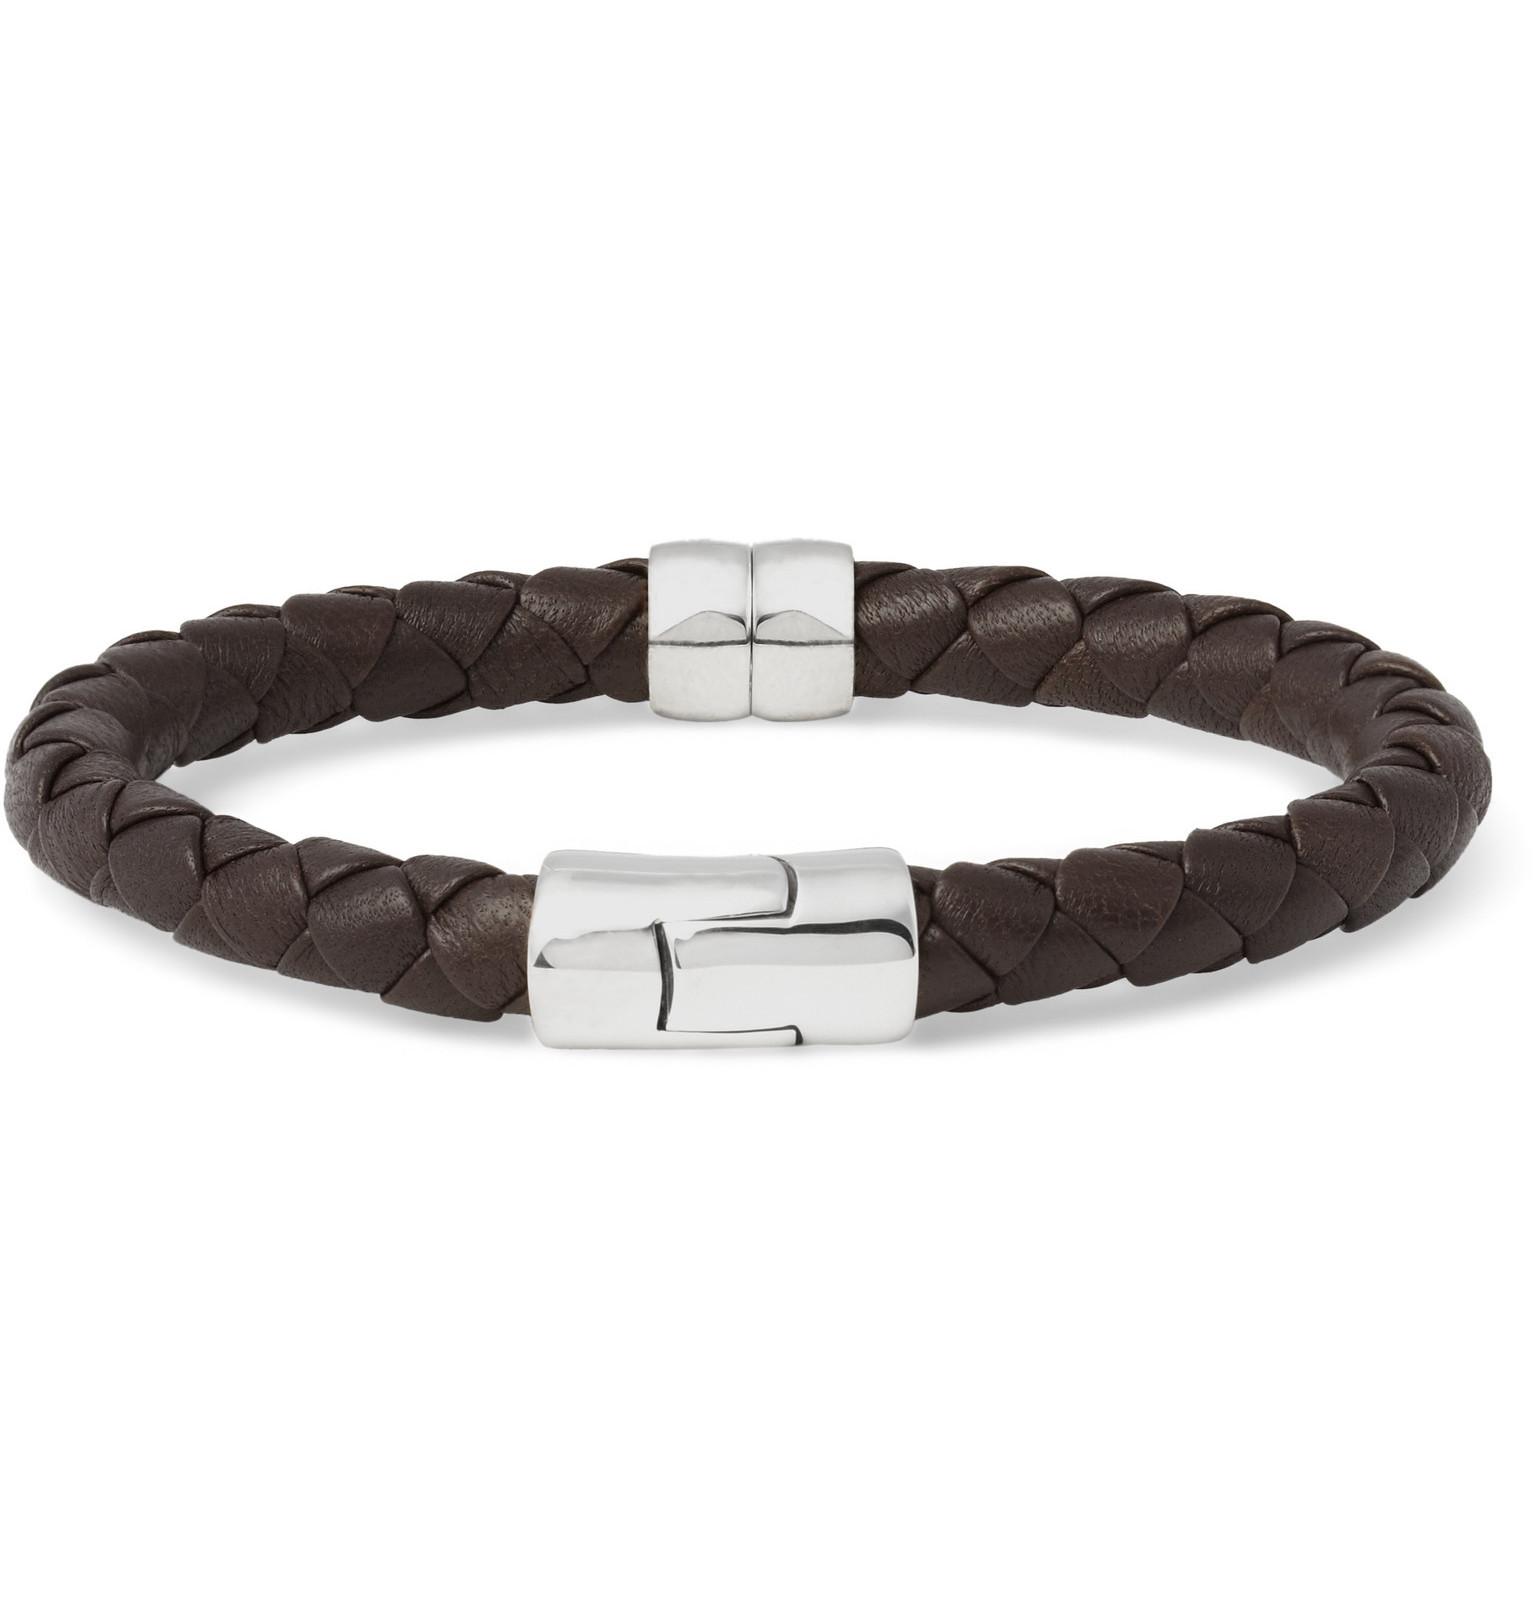 Bottega Veneta Intrecciato Leather And Silver Bracelet - Brown bYBXYW